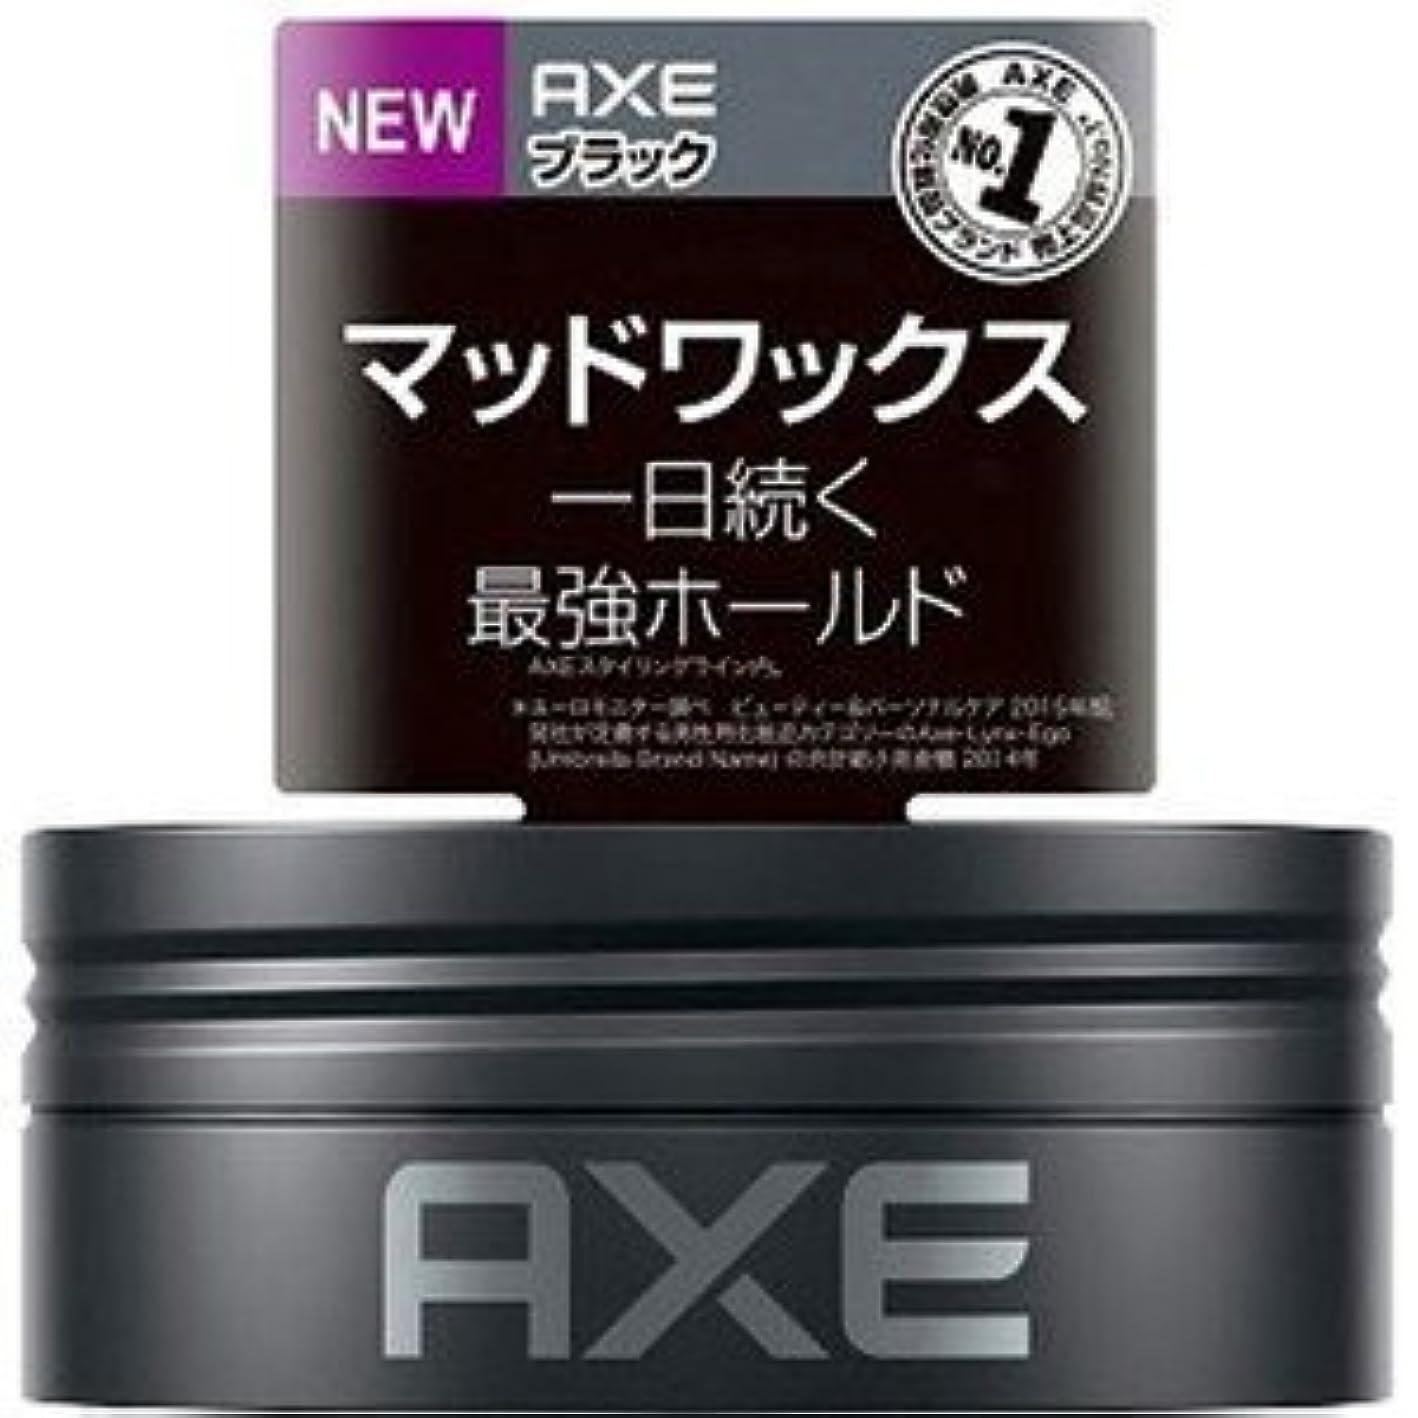 挨拶先見の明皮(2016年春の新商品)(ユニリーバ)AXE(アックス) ブラック デフィニティブホールド マッドワックス 65g